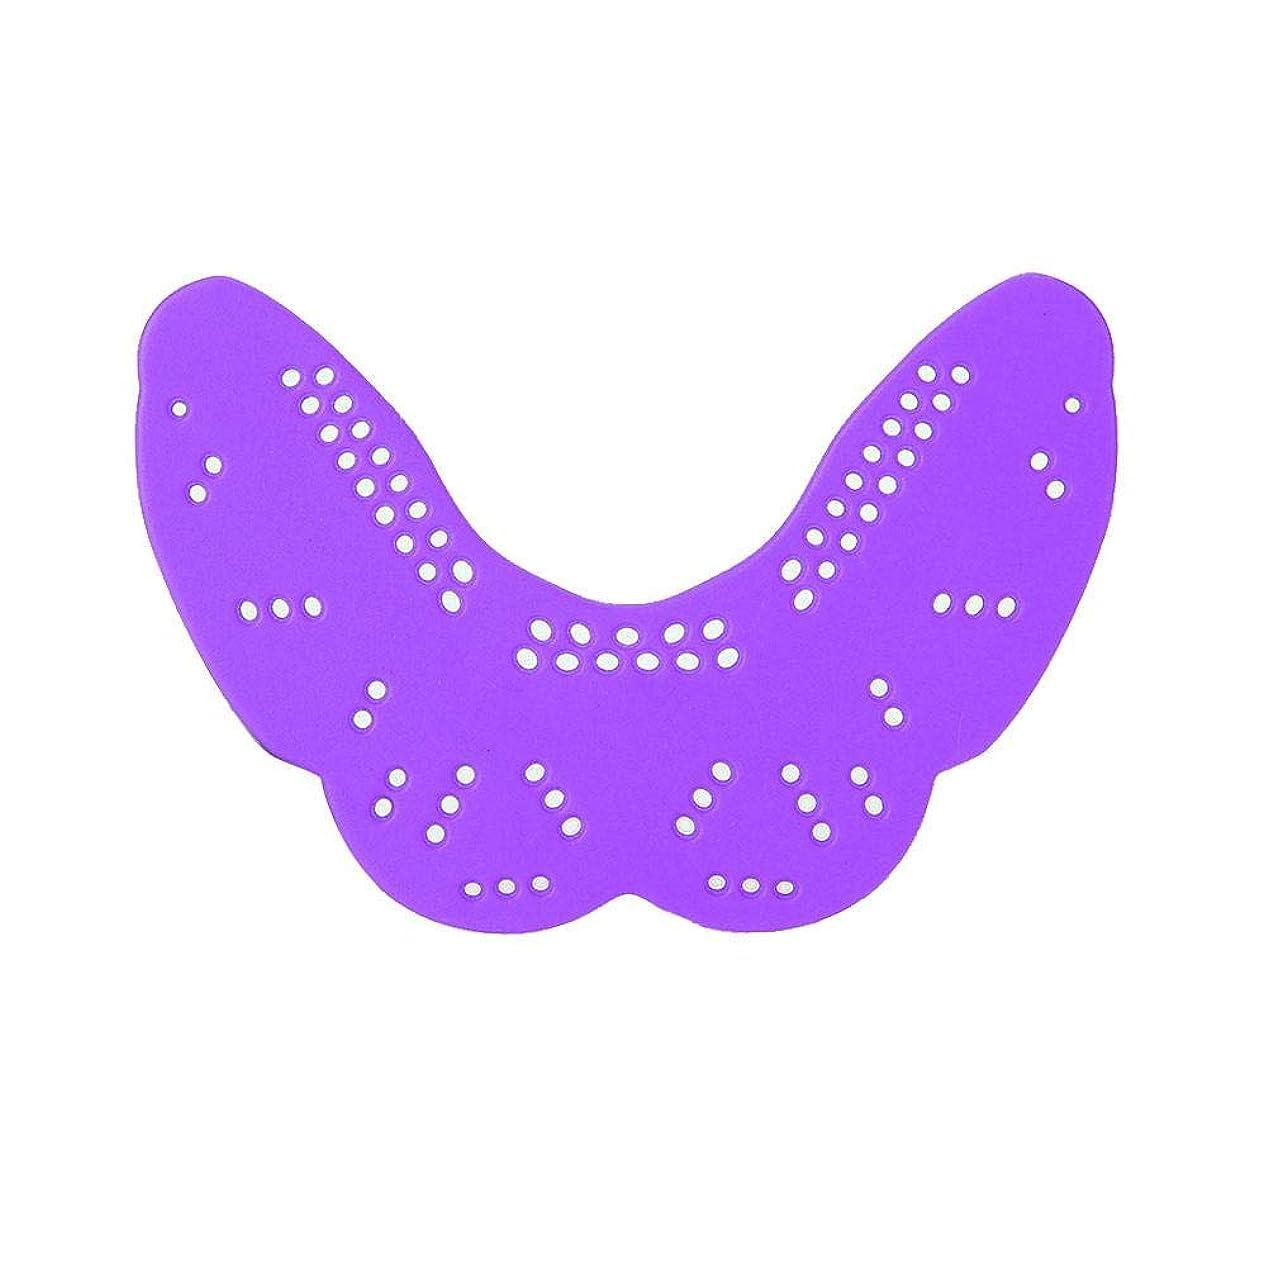 バリケードふりをする不十分マウスガード、歯のプロテクターボクシング保護ツールあなたの歯の形状に最適フットボールバスケットボールラクロスホッケーボクシング柔術(紫の)